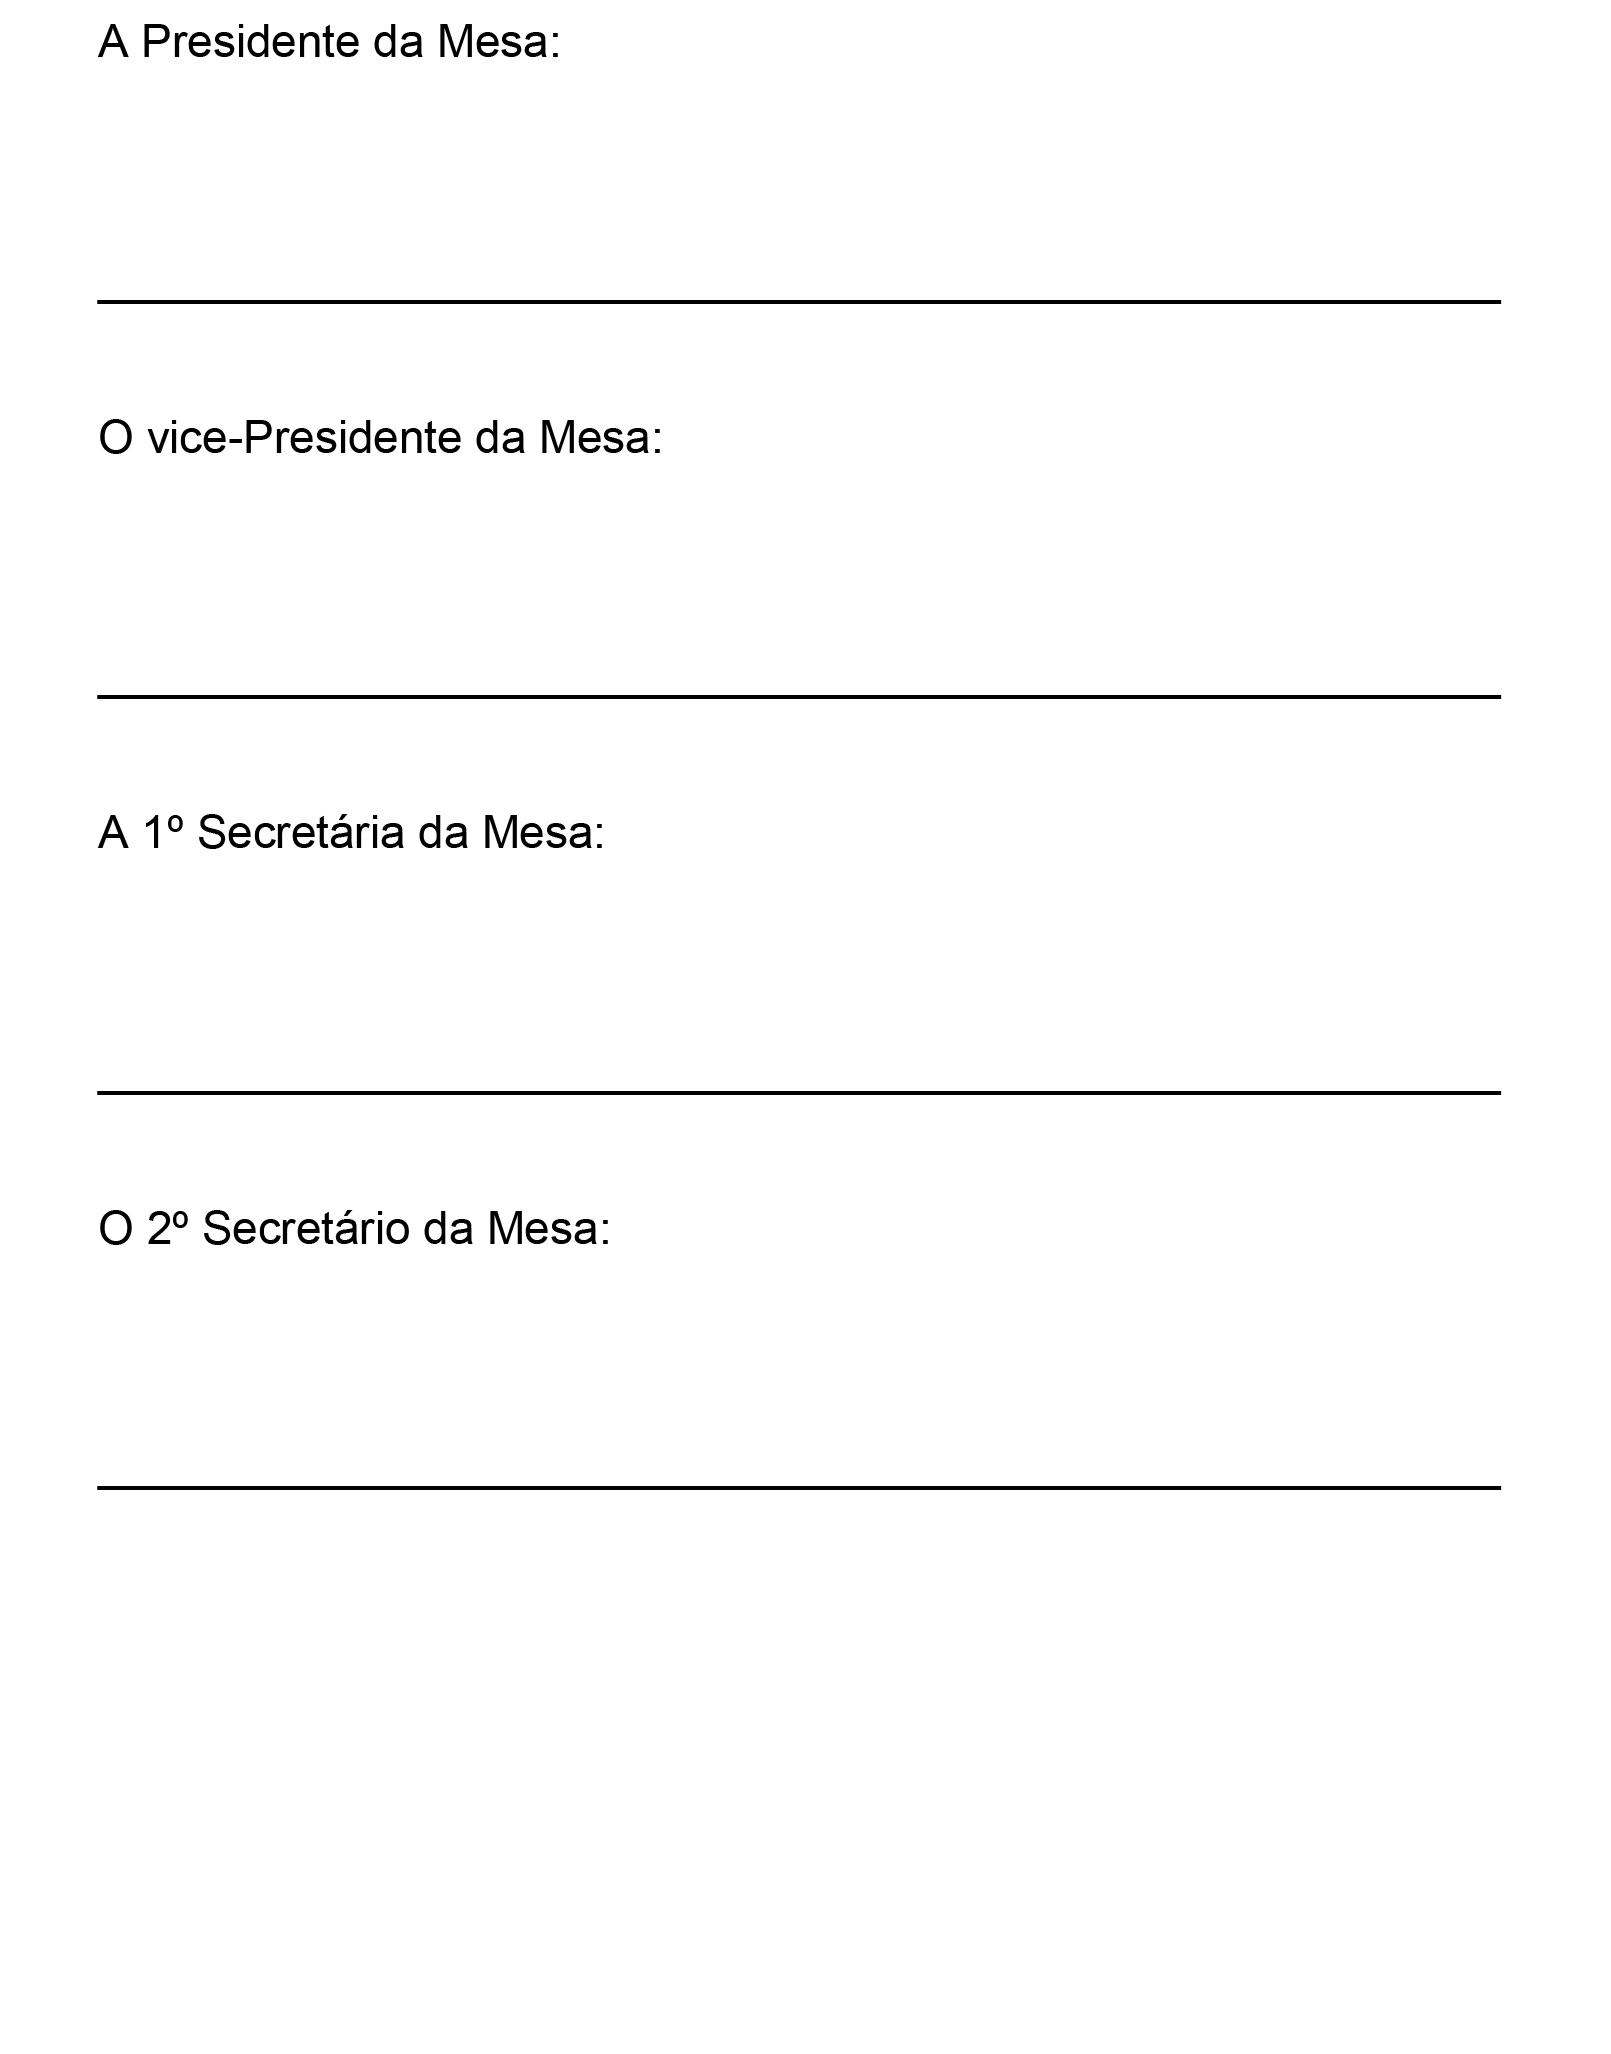 Acta 15 de Julho de 2014 - Votação e Eleição da candidatura para a direcção da Revista Dédalo -2.jpg